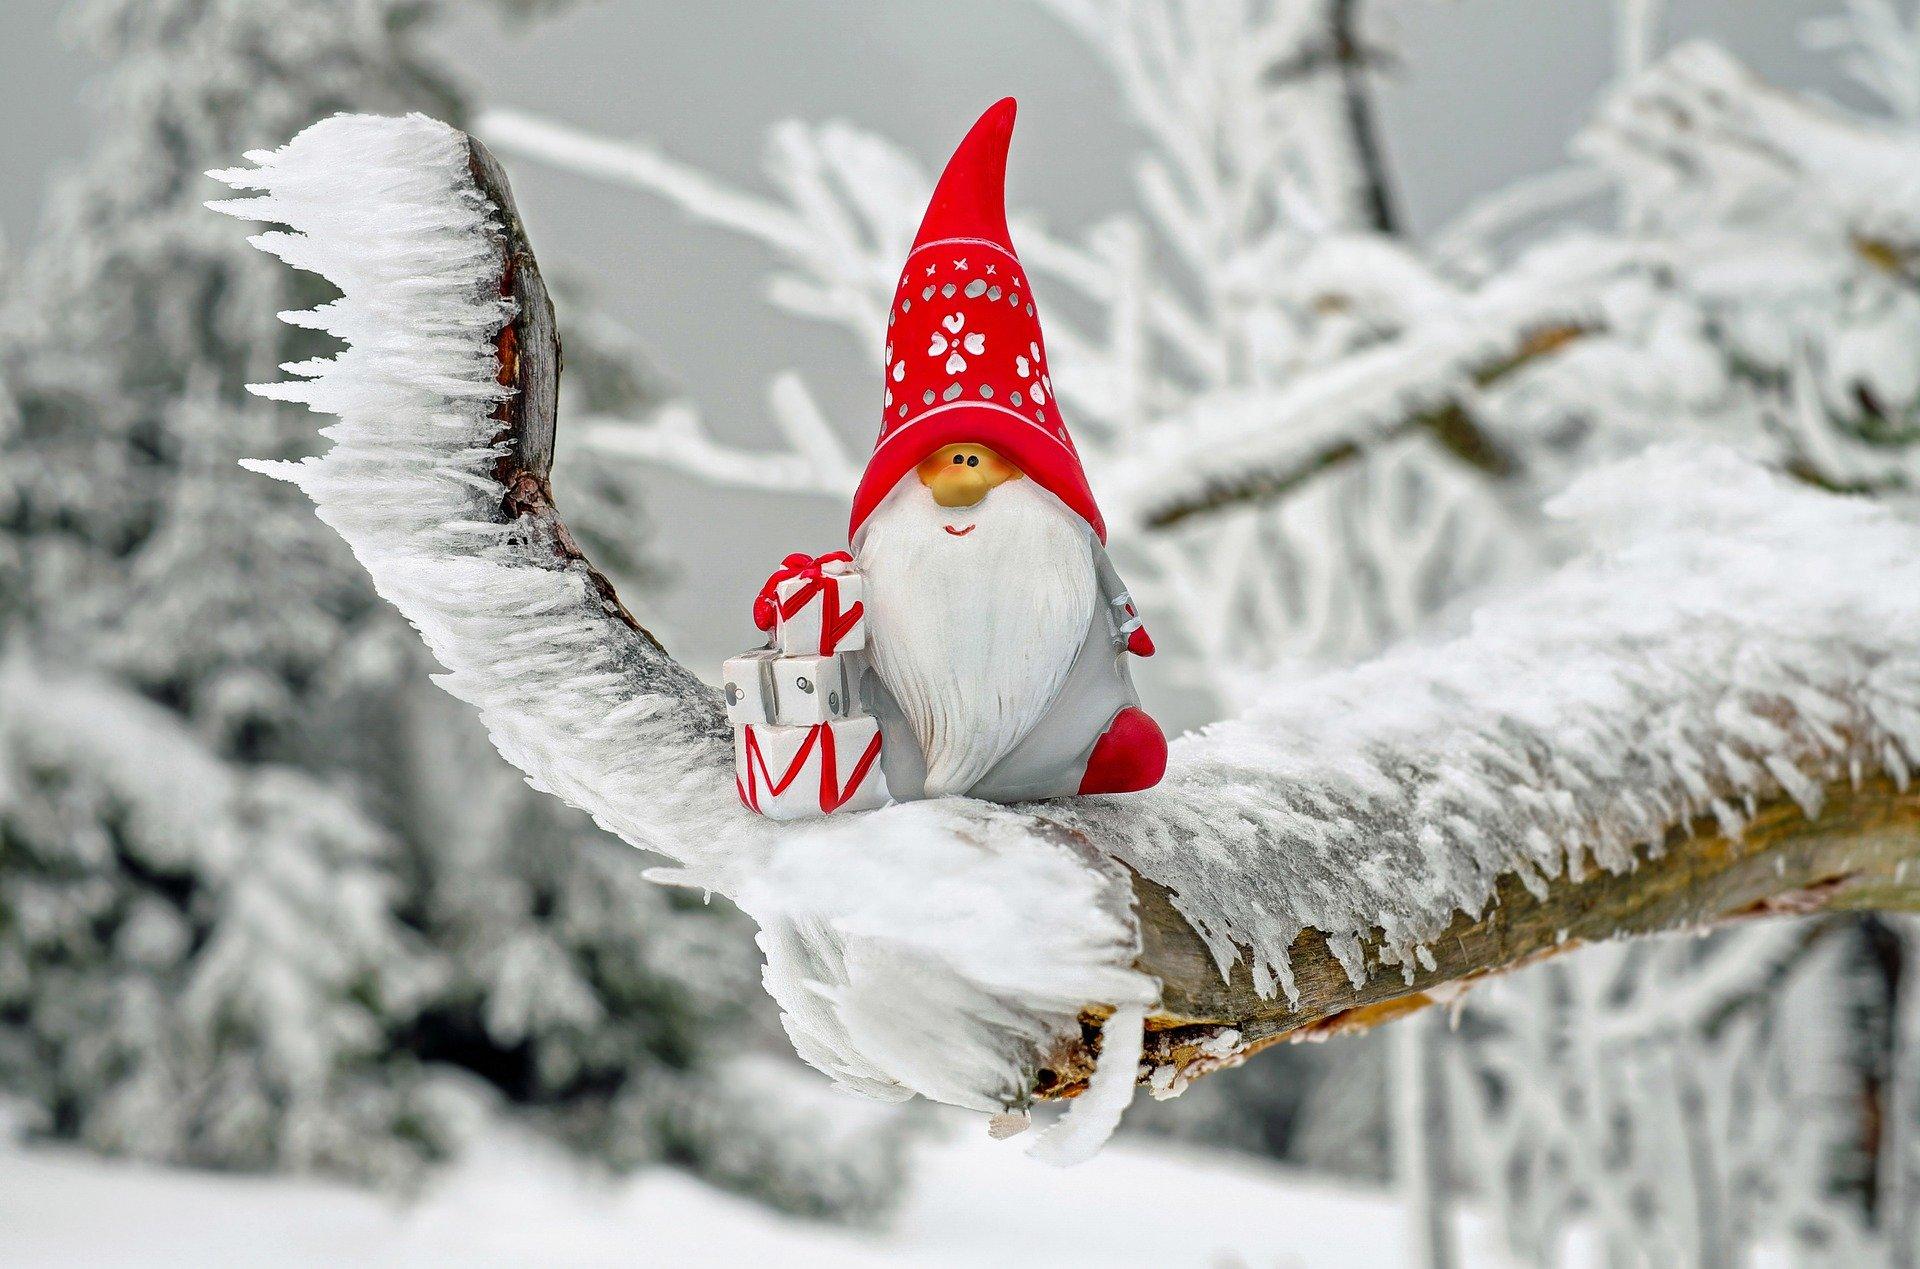 Pomysły na świąteczne prezenty - polskie marki i potęęęężny rabat od Sulphur Busko Zdrój!